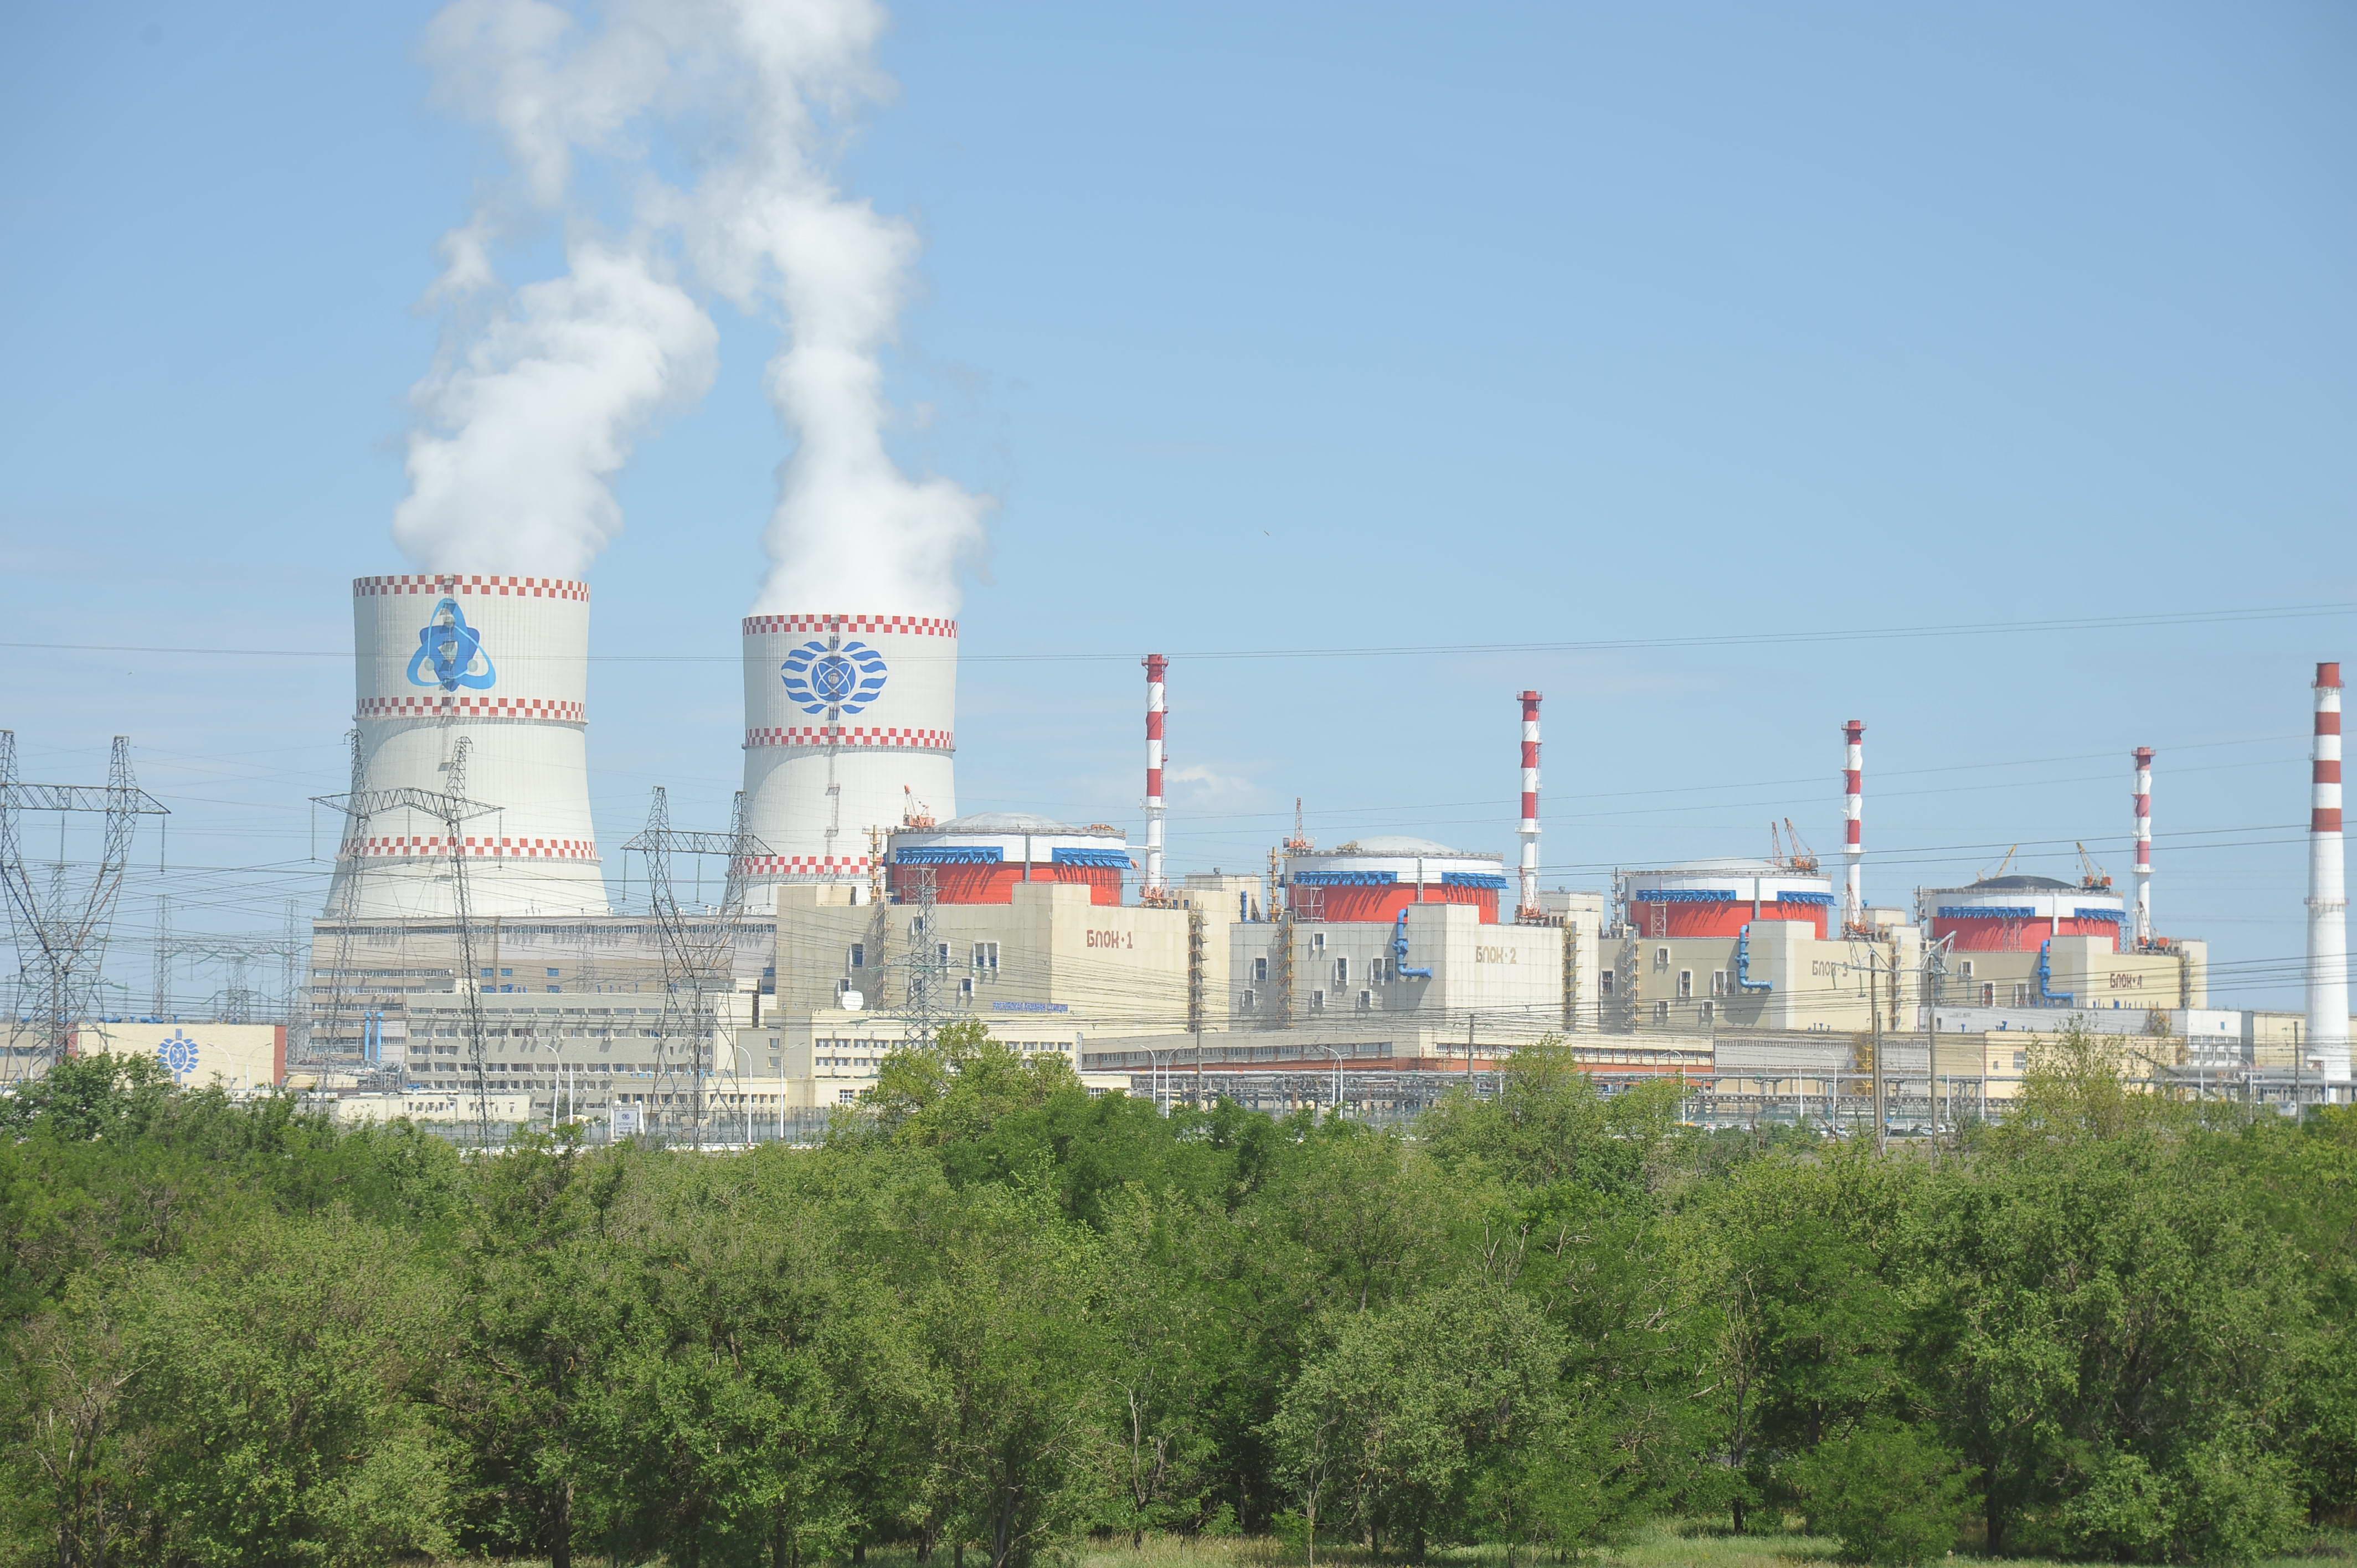 Ростовская АЭС: на контрольно-пропускных пунктах атомной станции внедряется интеллектуальная система биометрической идентификации